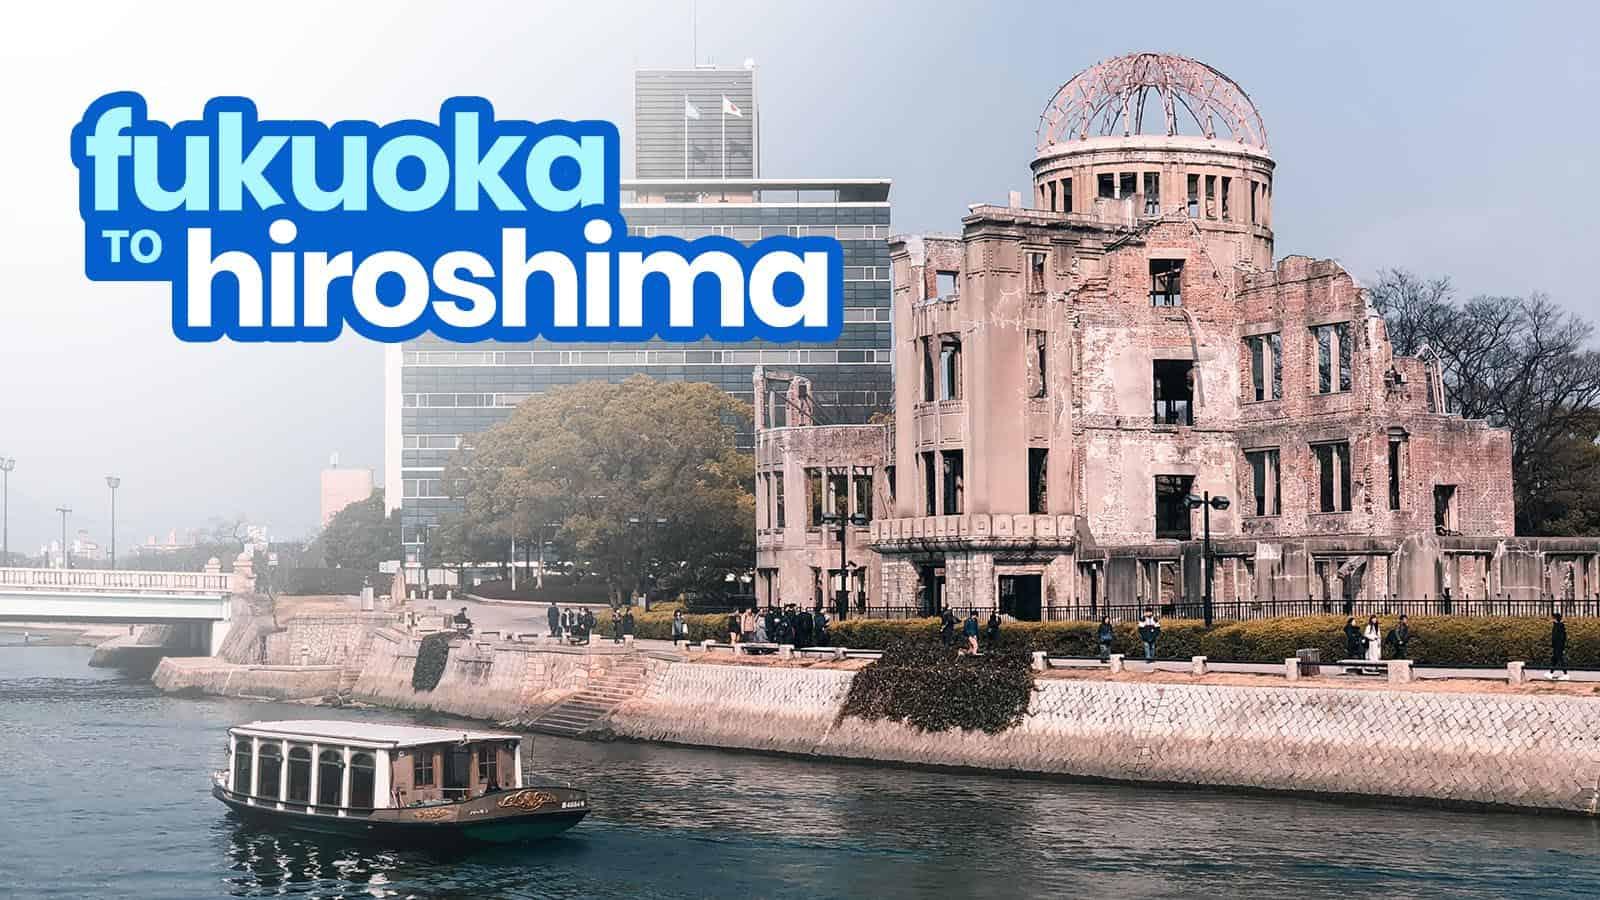 Fukuoka To Hiroshima By Bus And Bullet Train Shinkansen